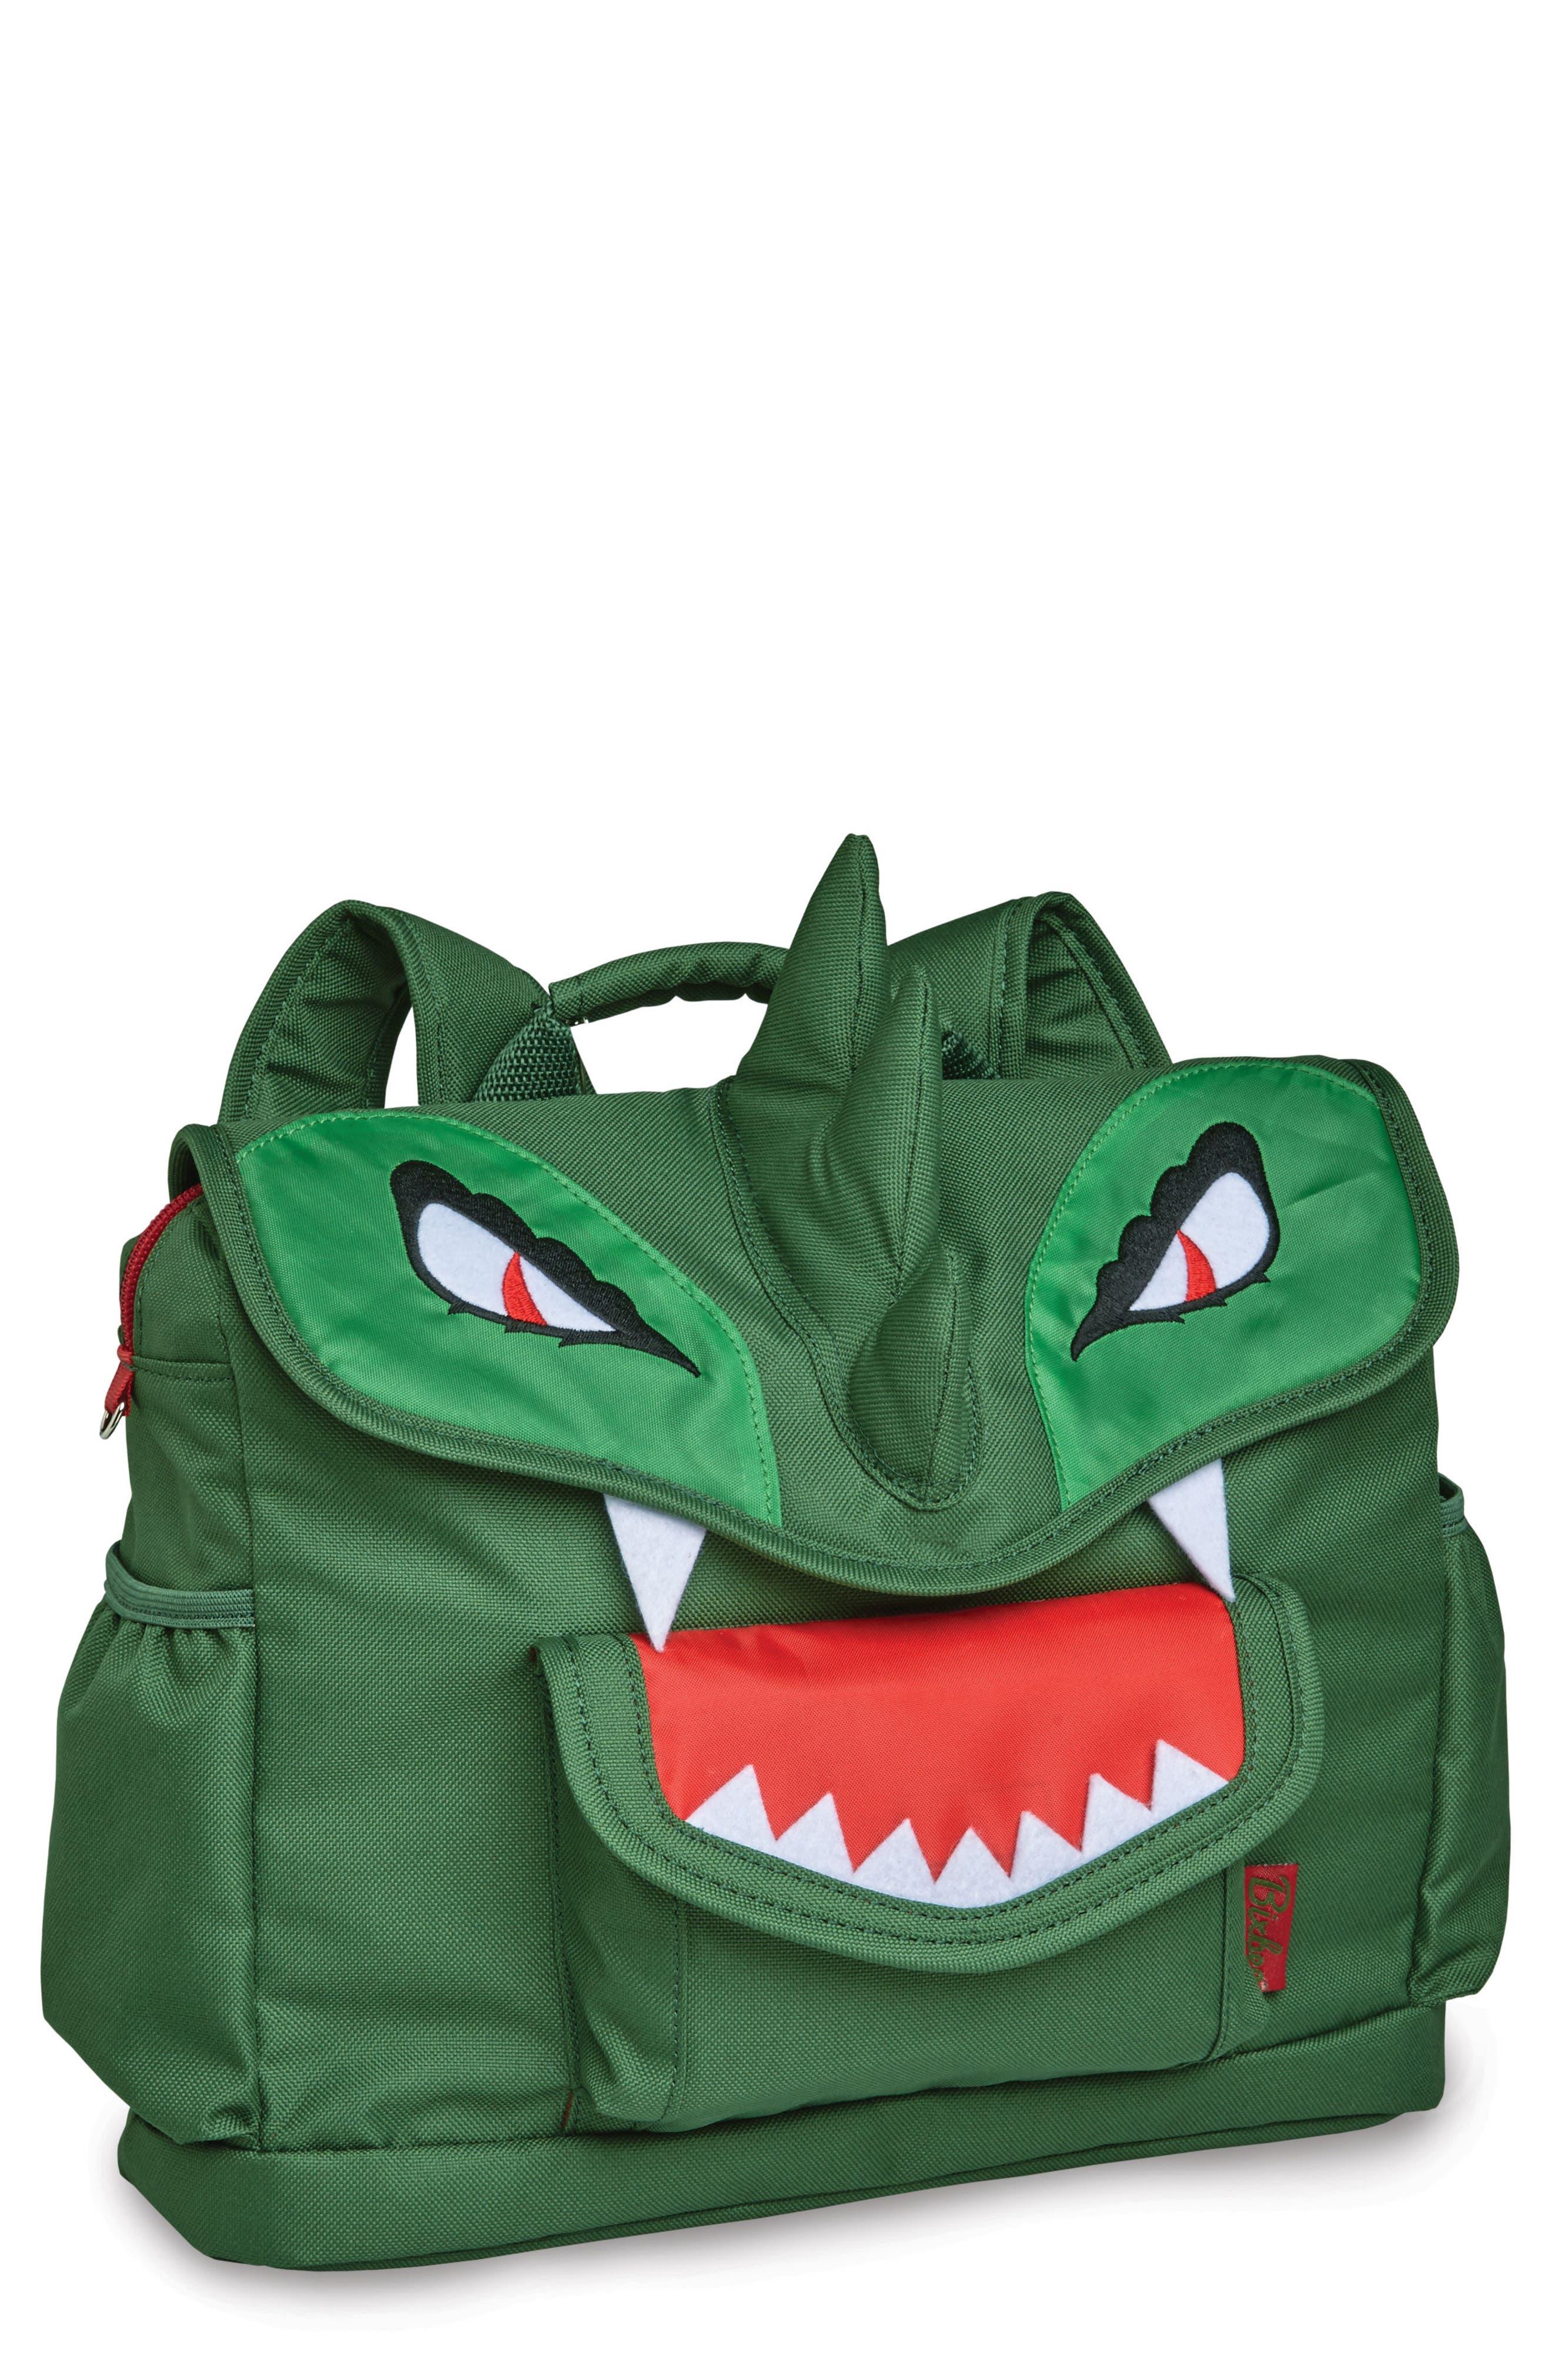 Bixbee Animal Pack - Dinosaur Water Resistant Backpack (Kids)